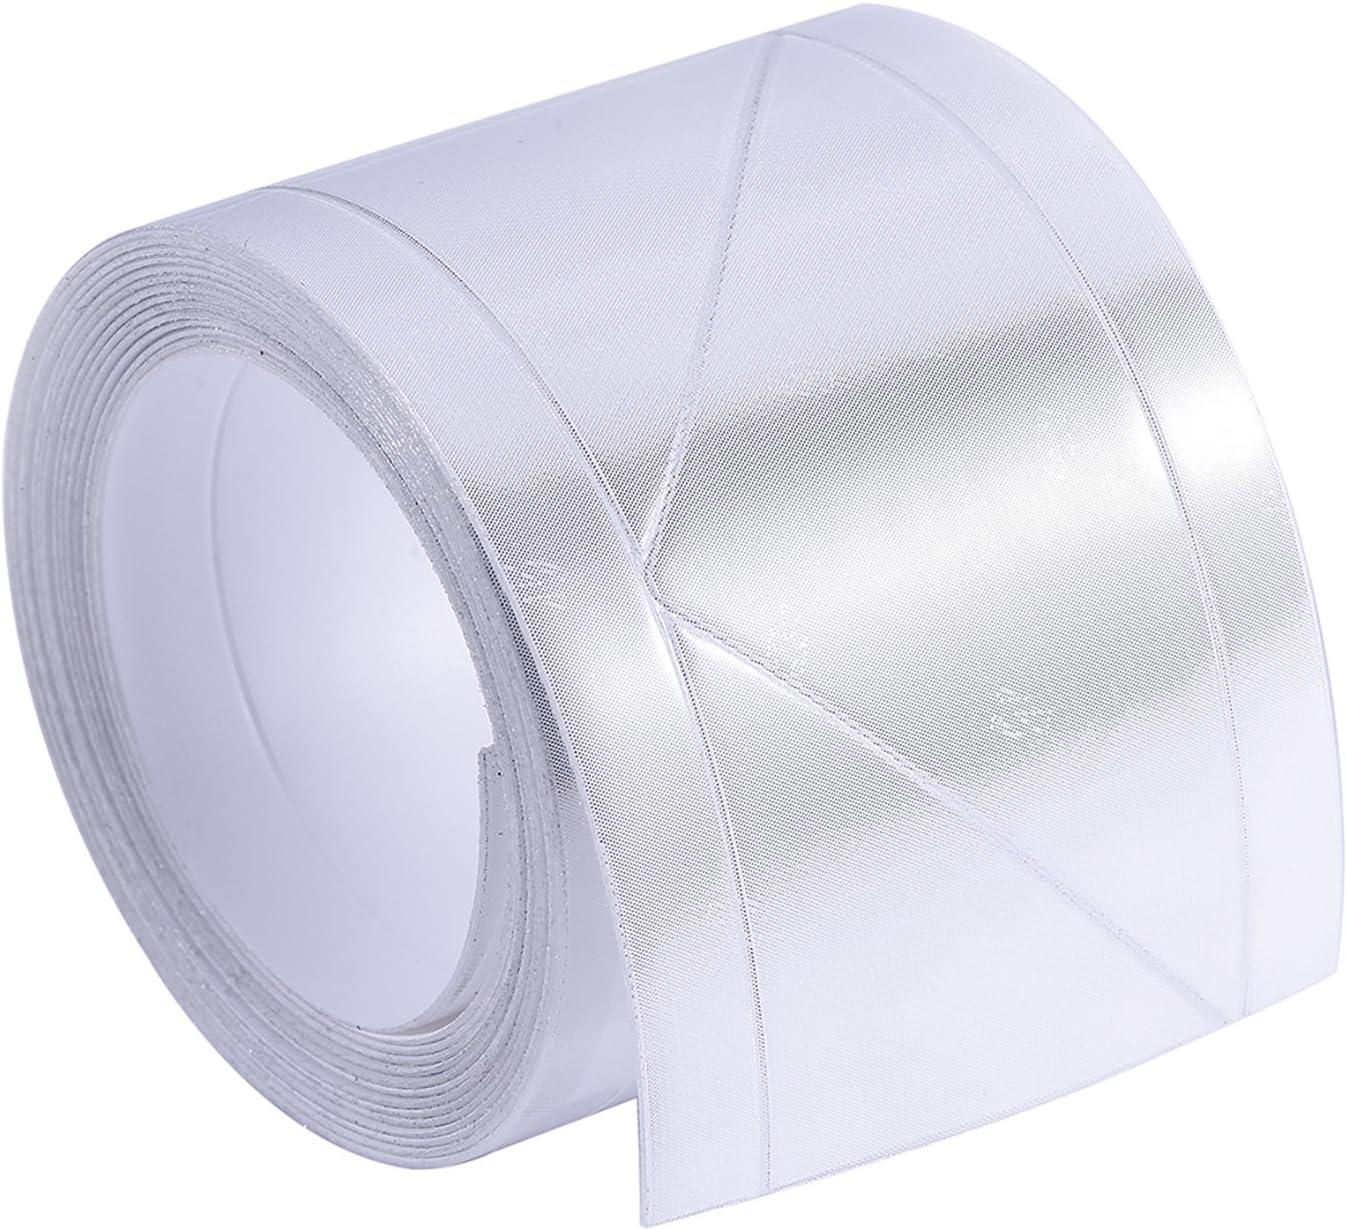 Gelb Lantra Besa 3M Scotchlite Reflektierend Band Nacht Reflektor f/ür Bekleidung Warnweste N/ähen Hohe Sichtbarkeit 100*5.08cm Long NICHT SELBSTKLEBEND Sicherheit Zubeh/ör